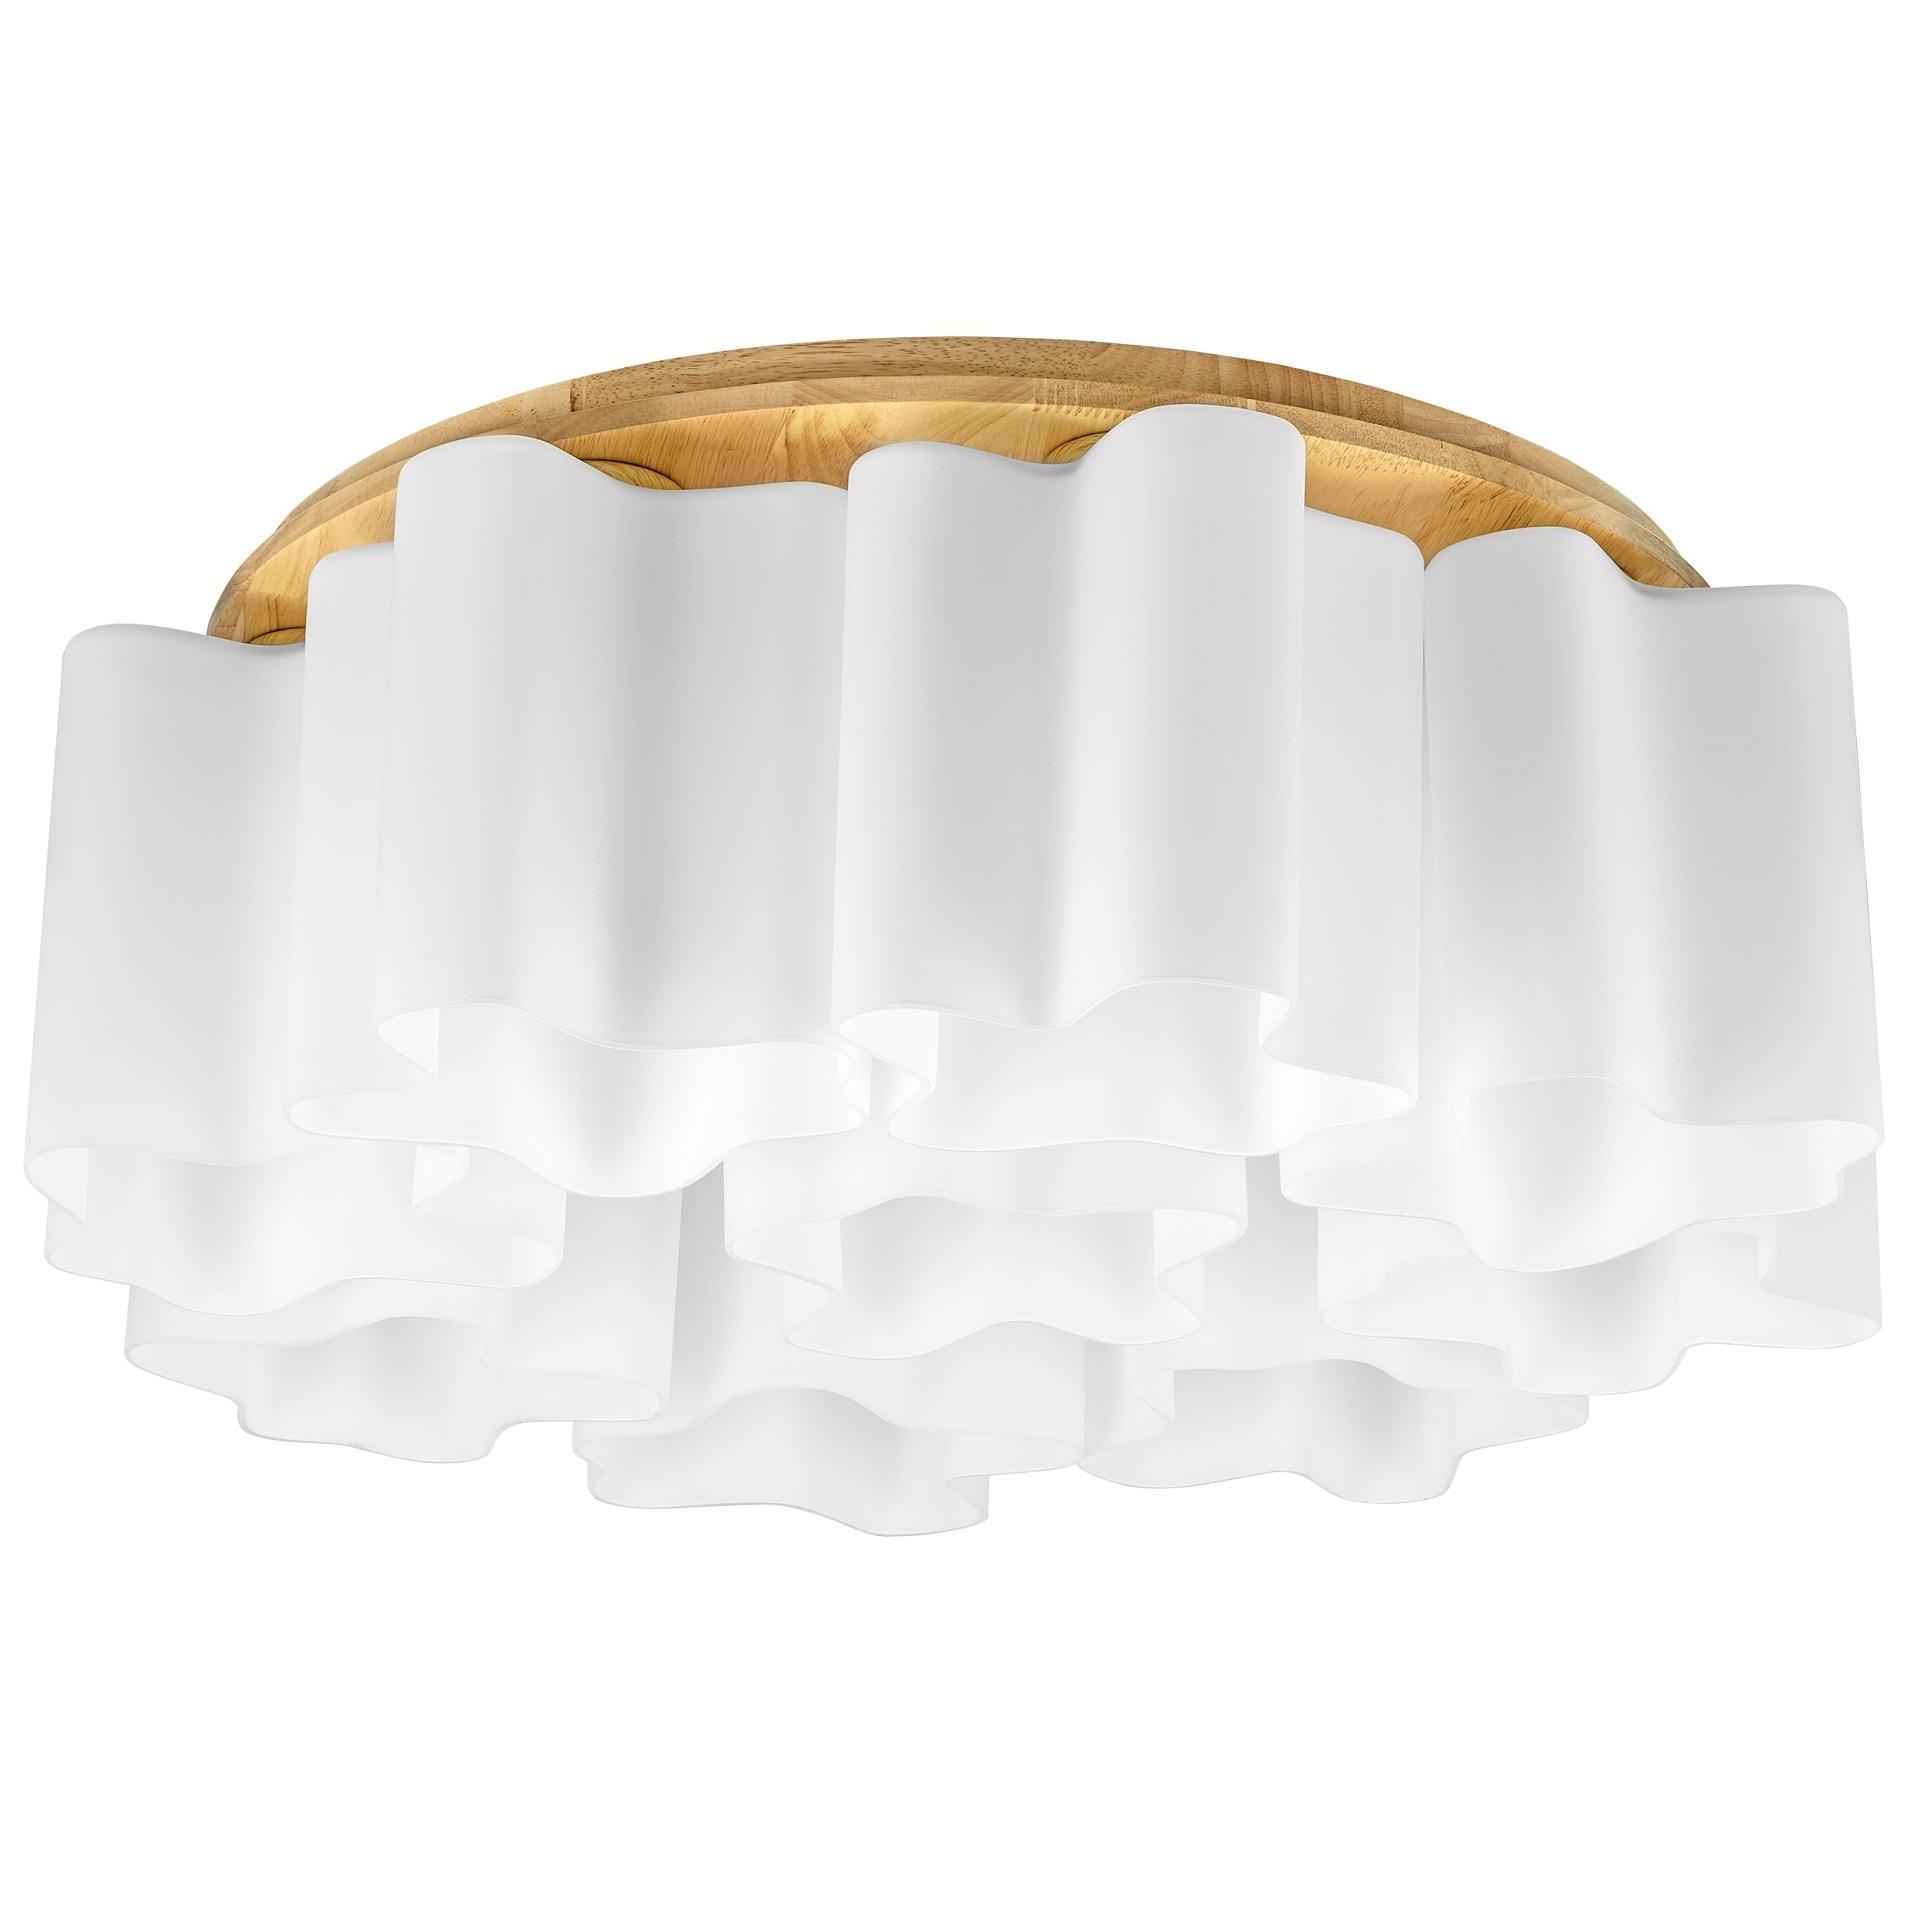 Люстра потолочная NUBI Legno 9x40W E27 светлое дерево / белый Lightstar 802095, купить в СПб, Москве, с доставкой, Санкт-Петербург, интернет-магазин люстр и светильников Starlight, фото в жизни